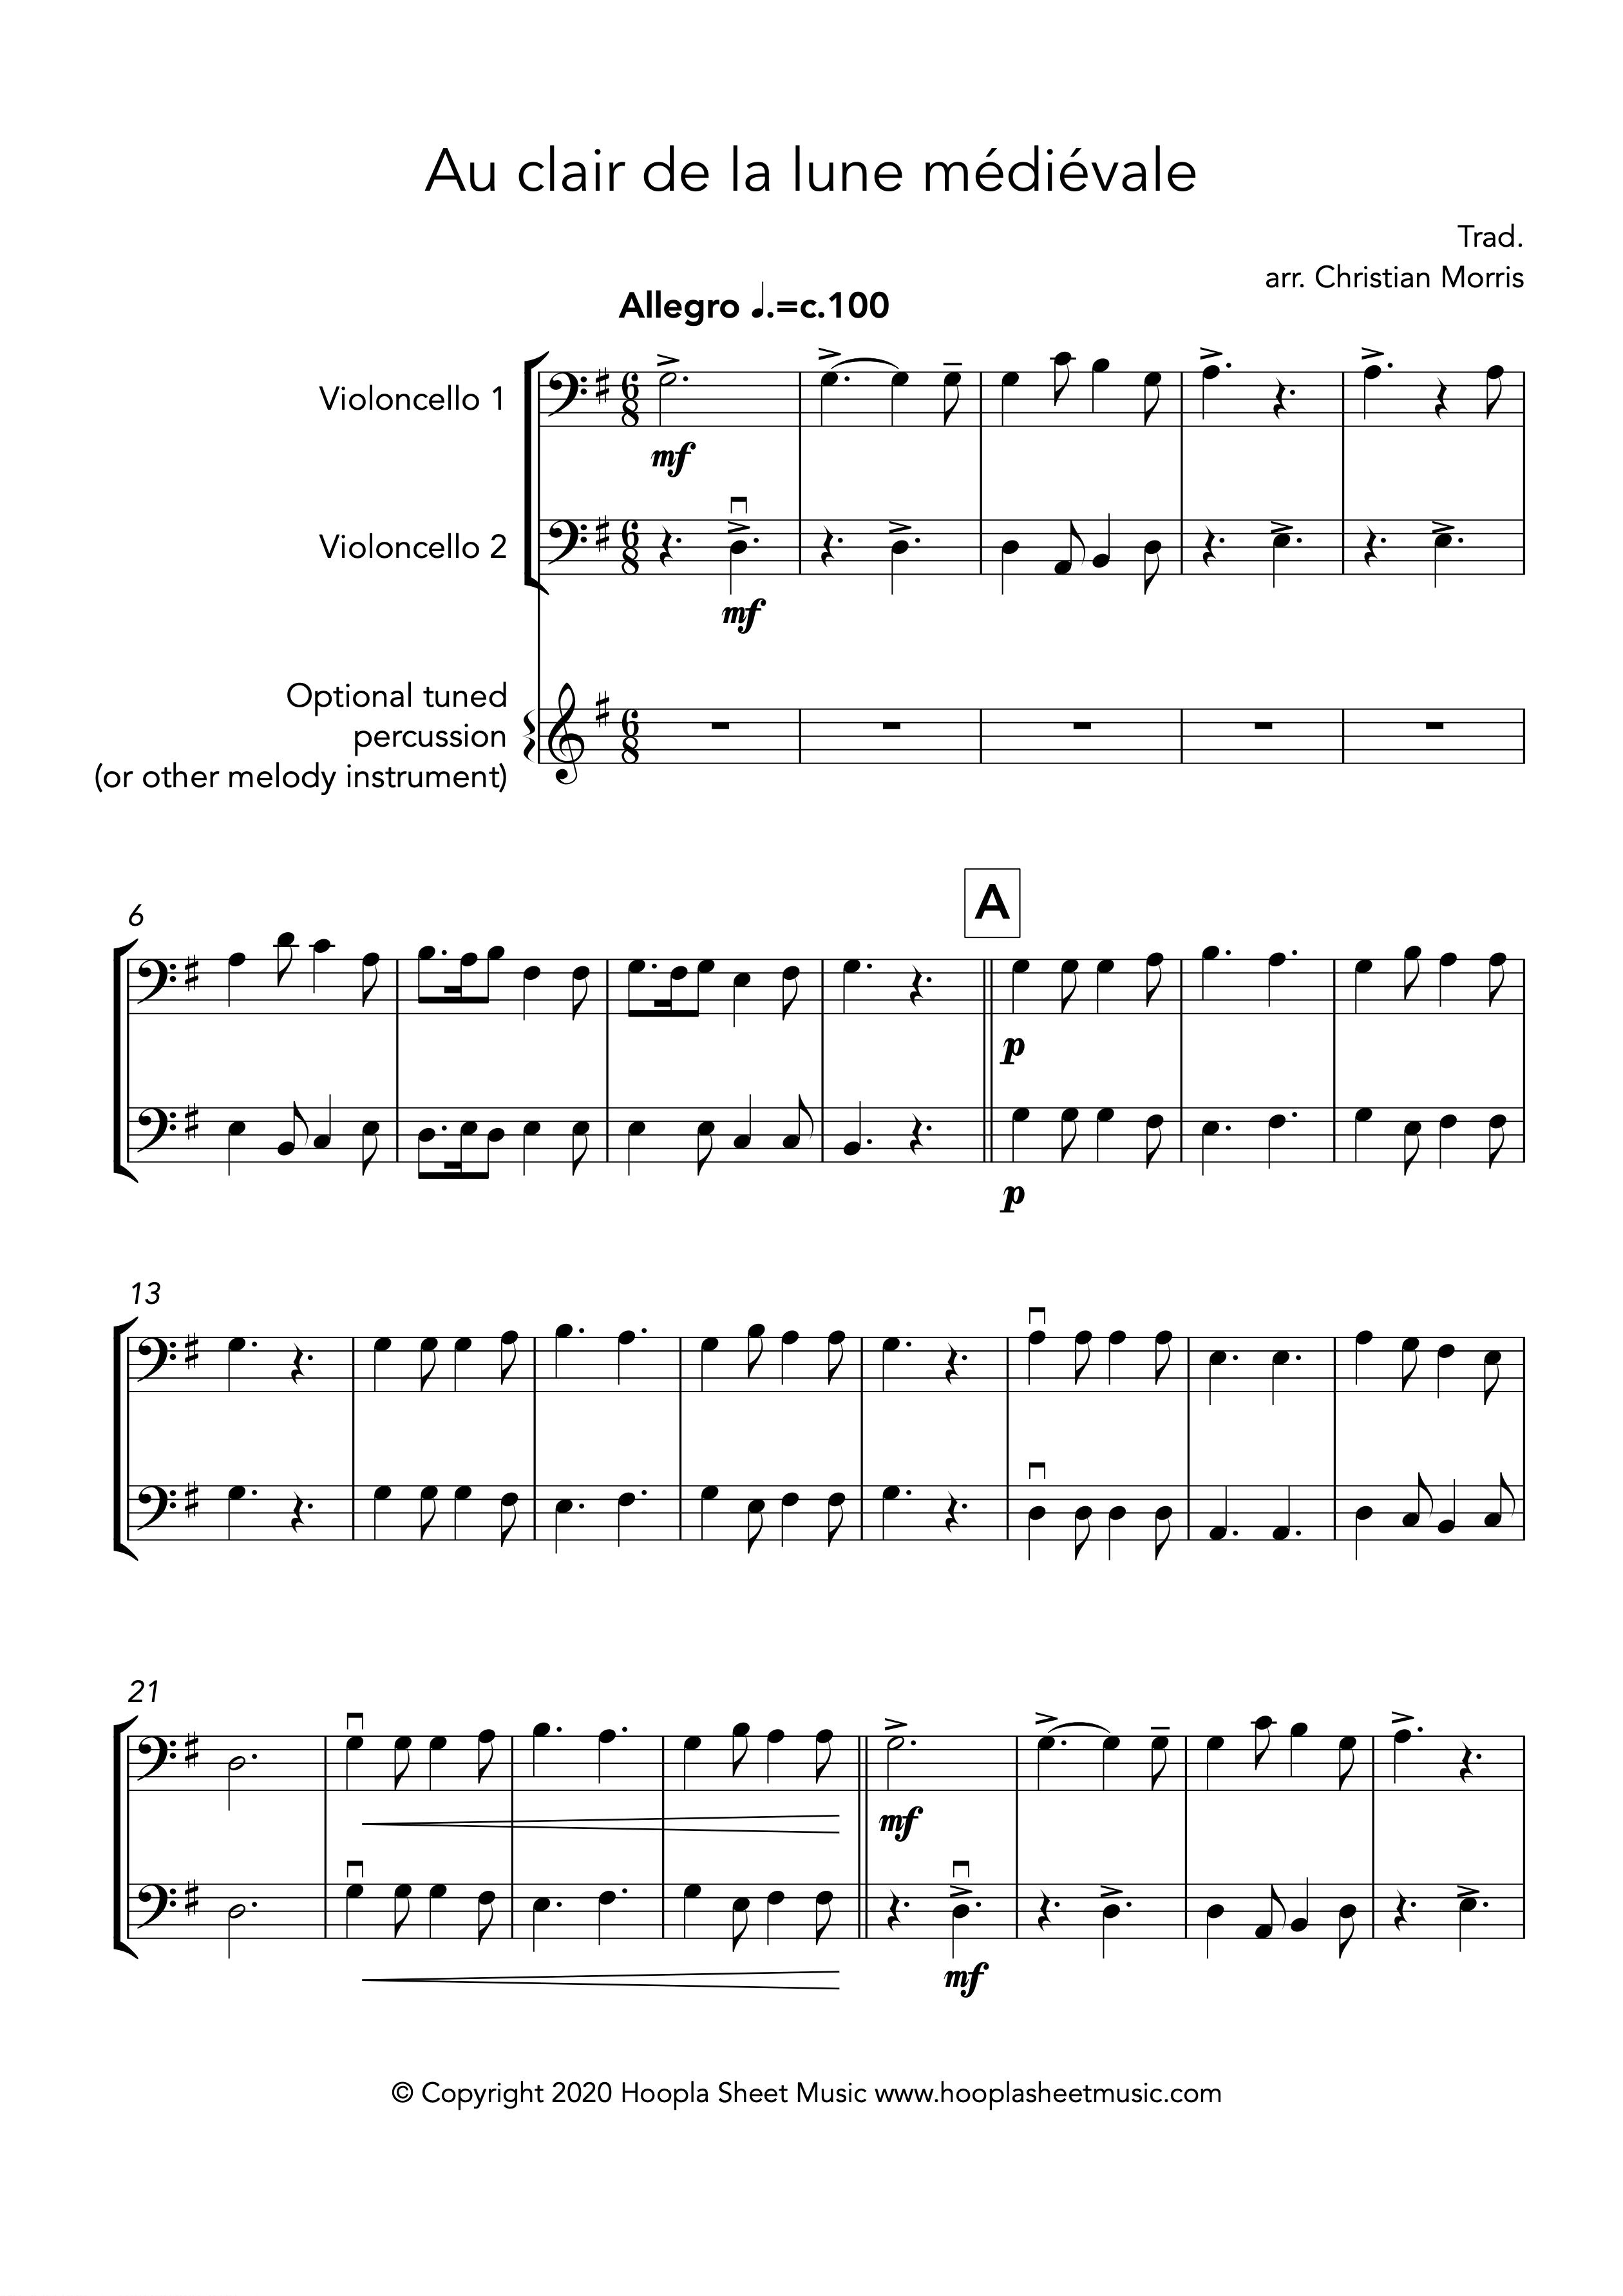 Au clair de la lune médiévale (Cello Duet)